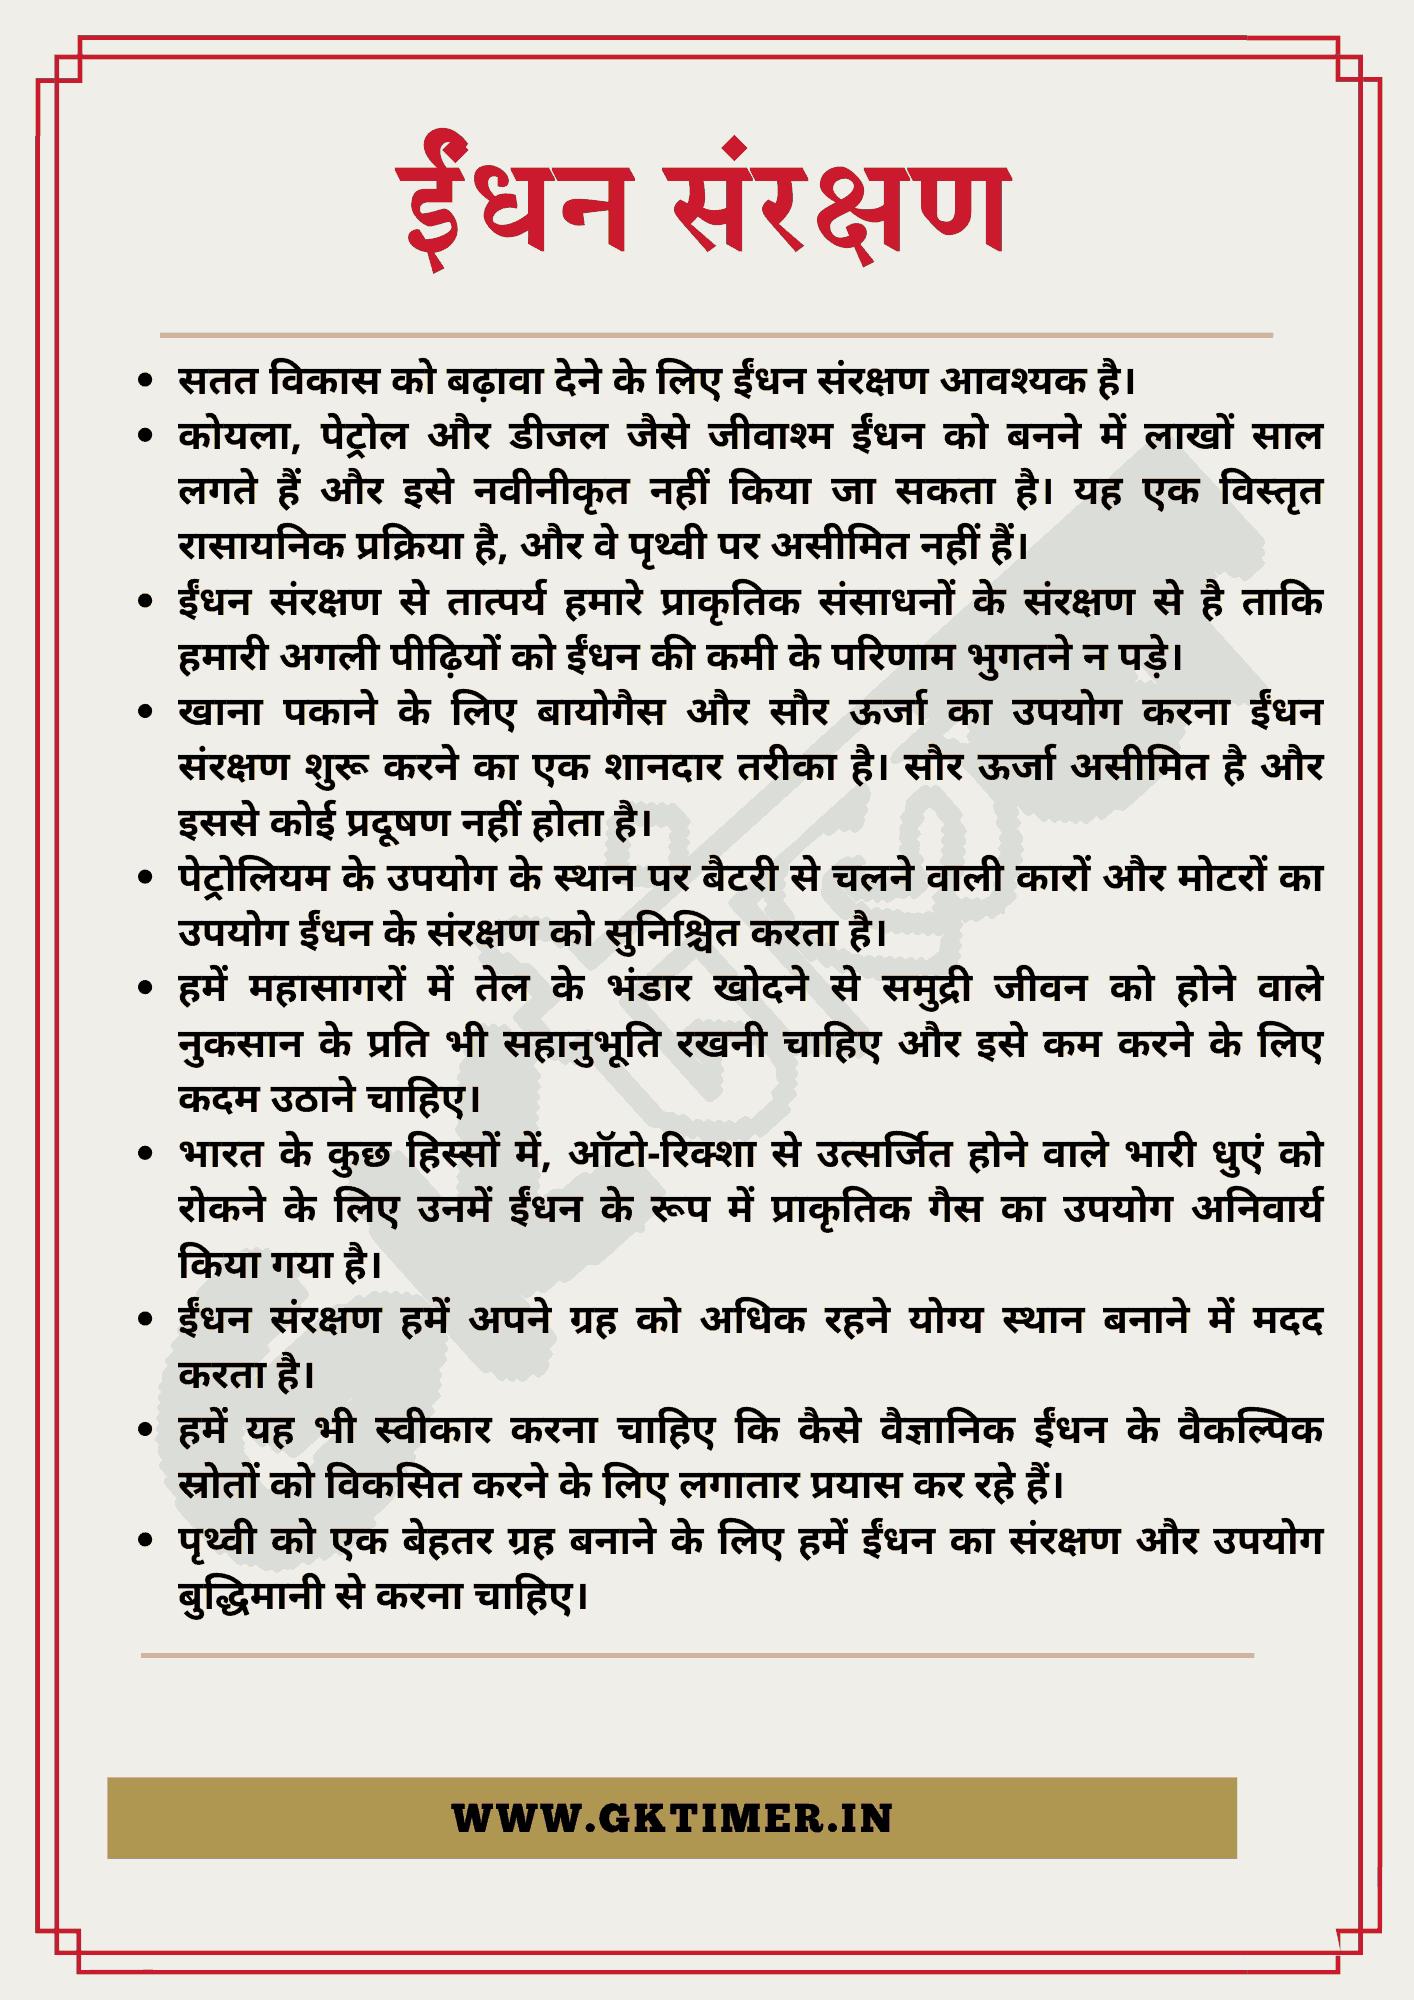 ईंधन संरक्षण पर निबंध | Essay on Fuel Conservation in Hindi | 10 Lines on Fuel Conservation in Hindi